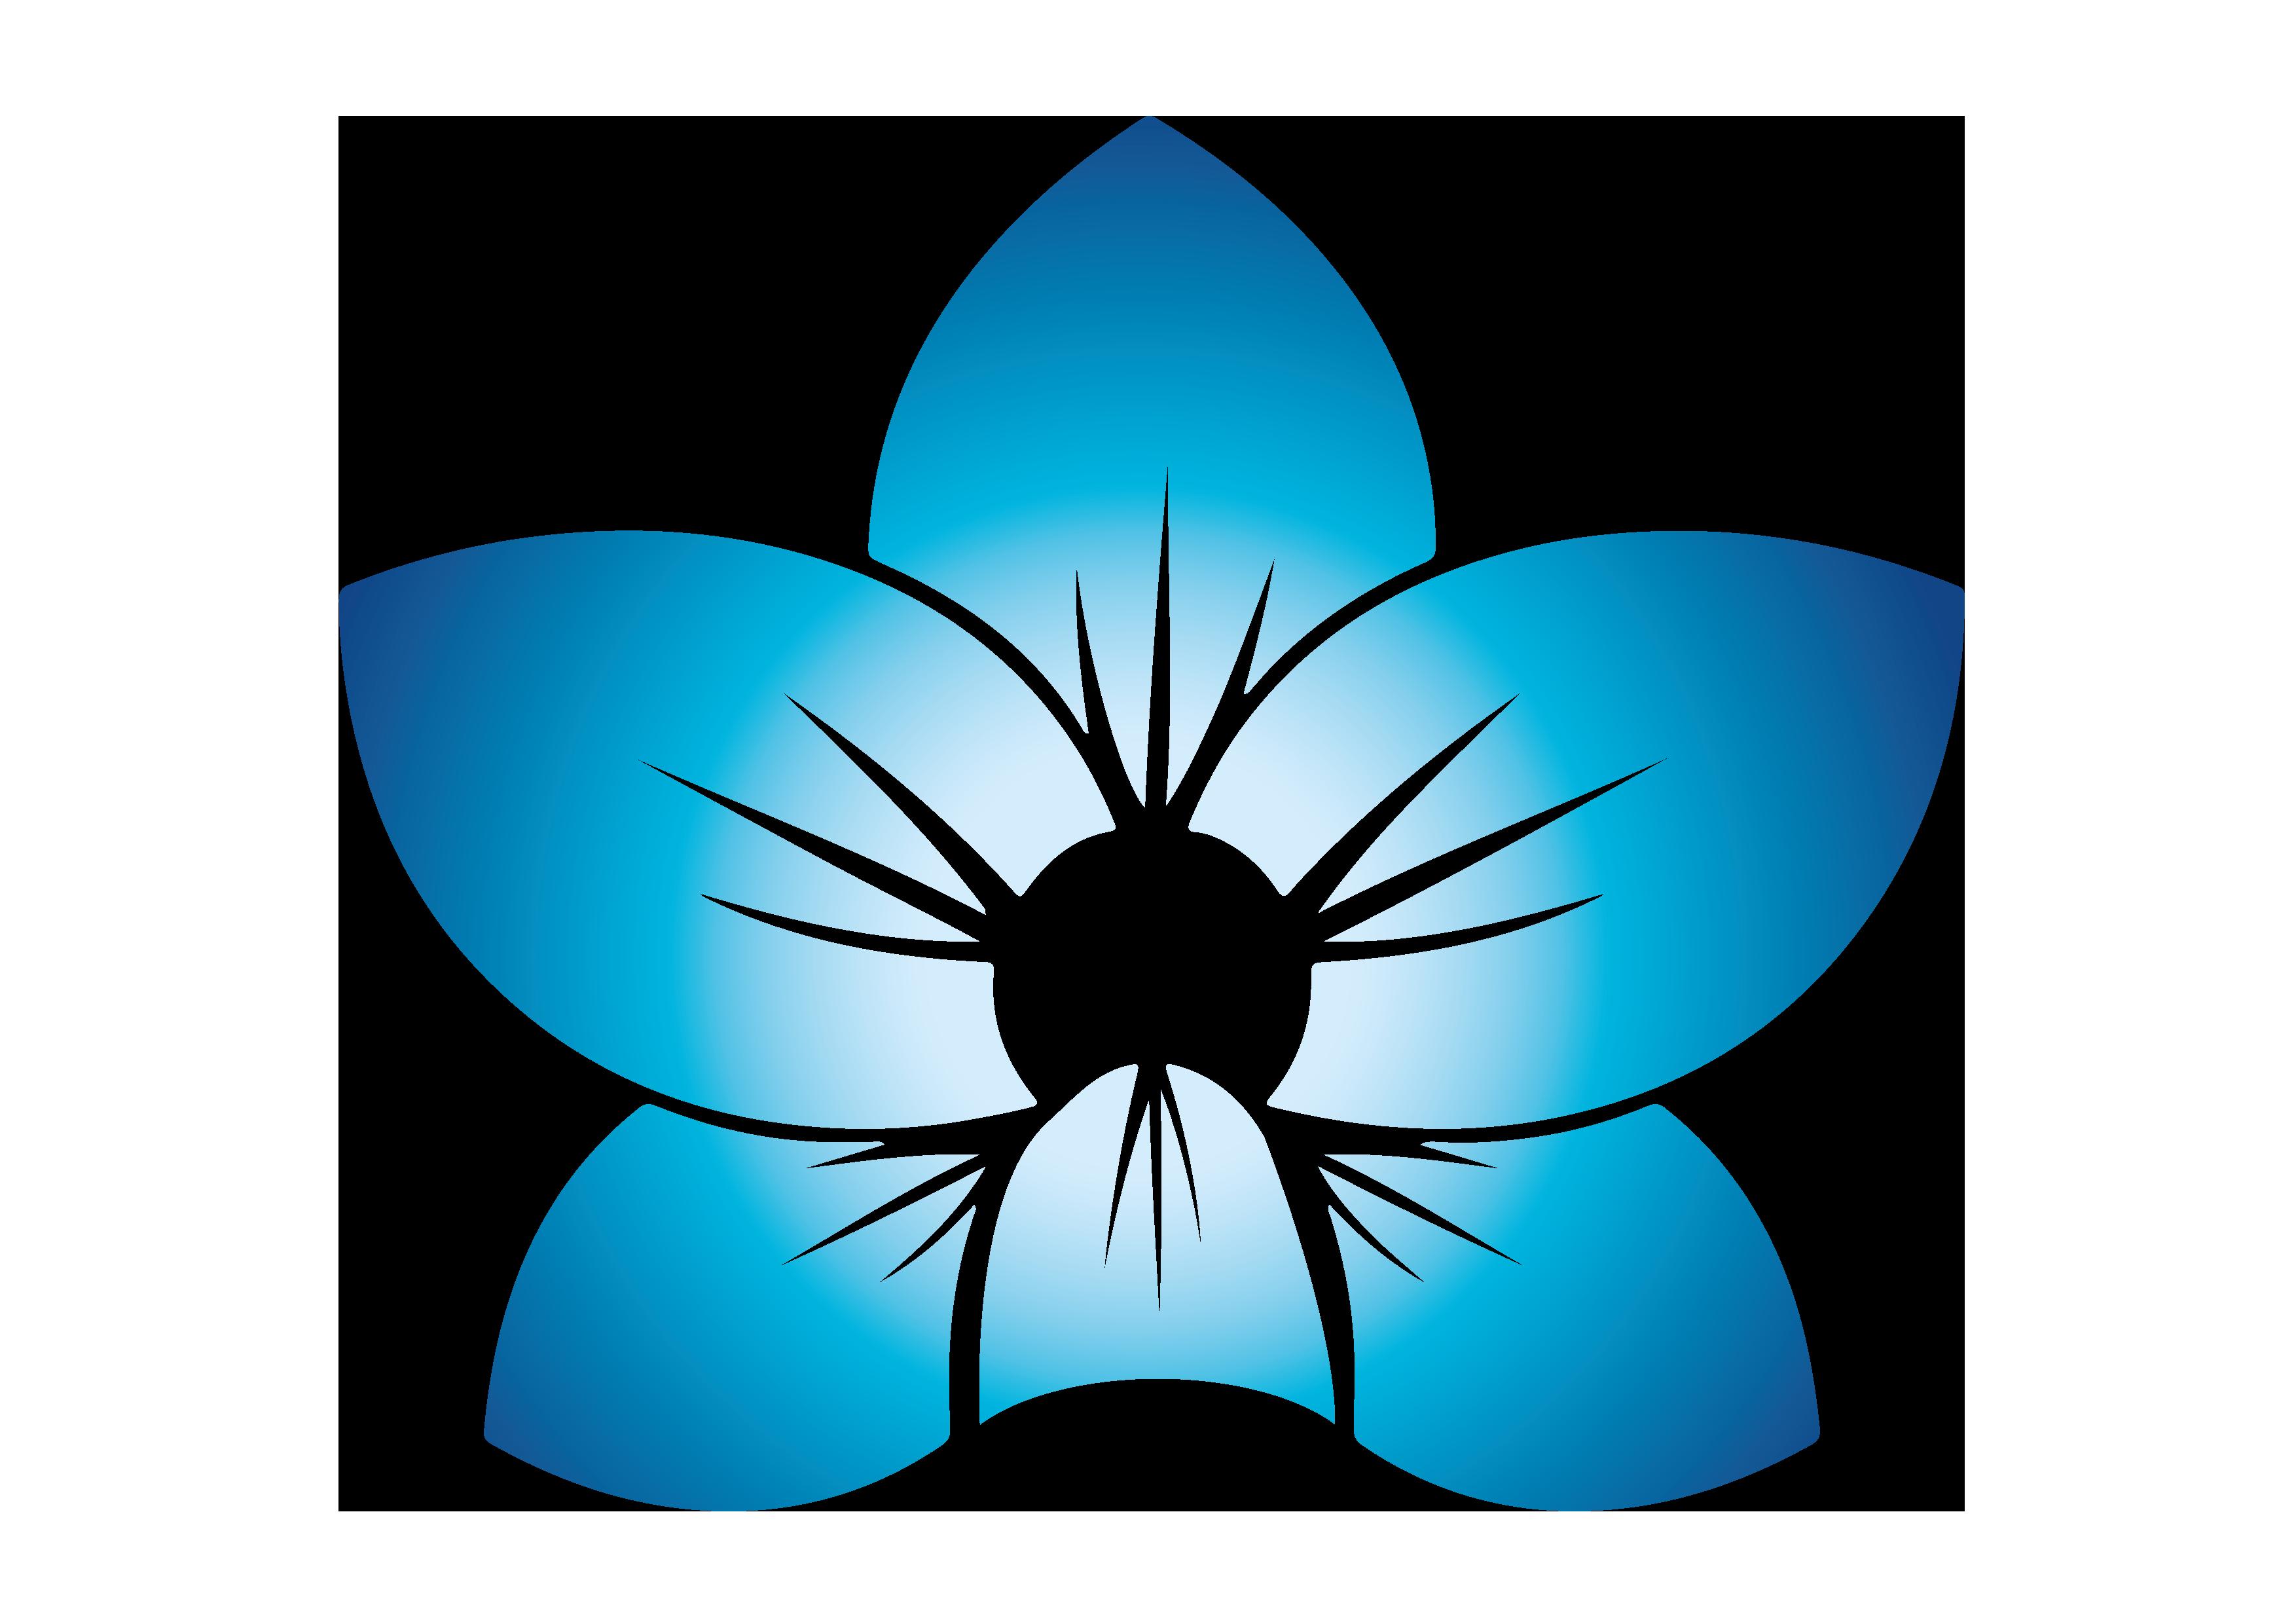 Oncidium symbol